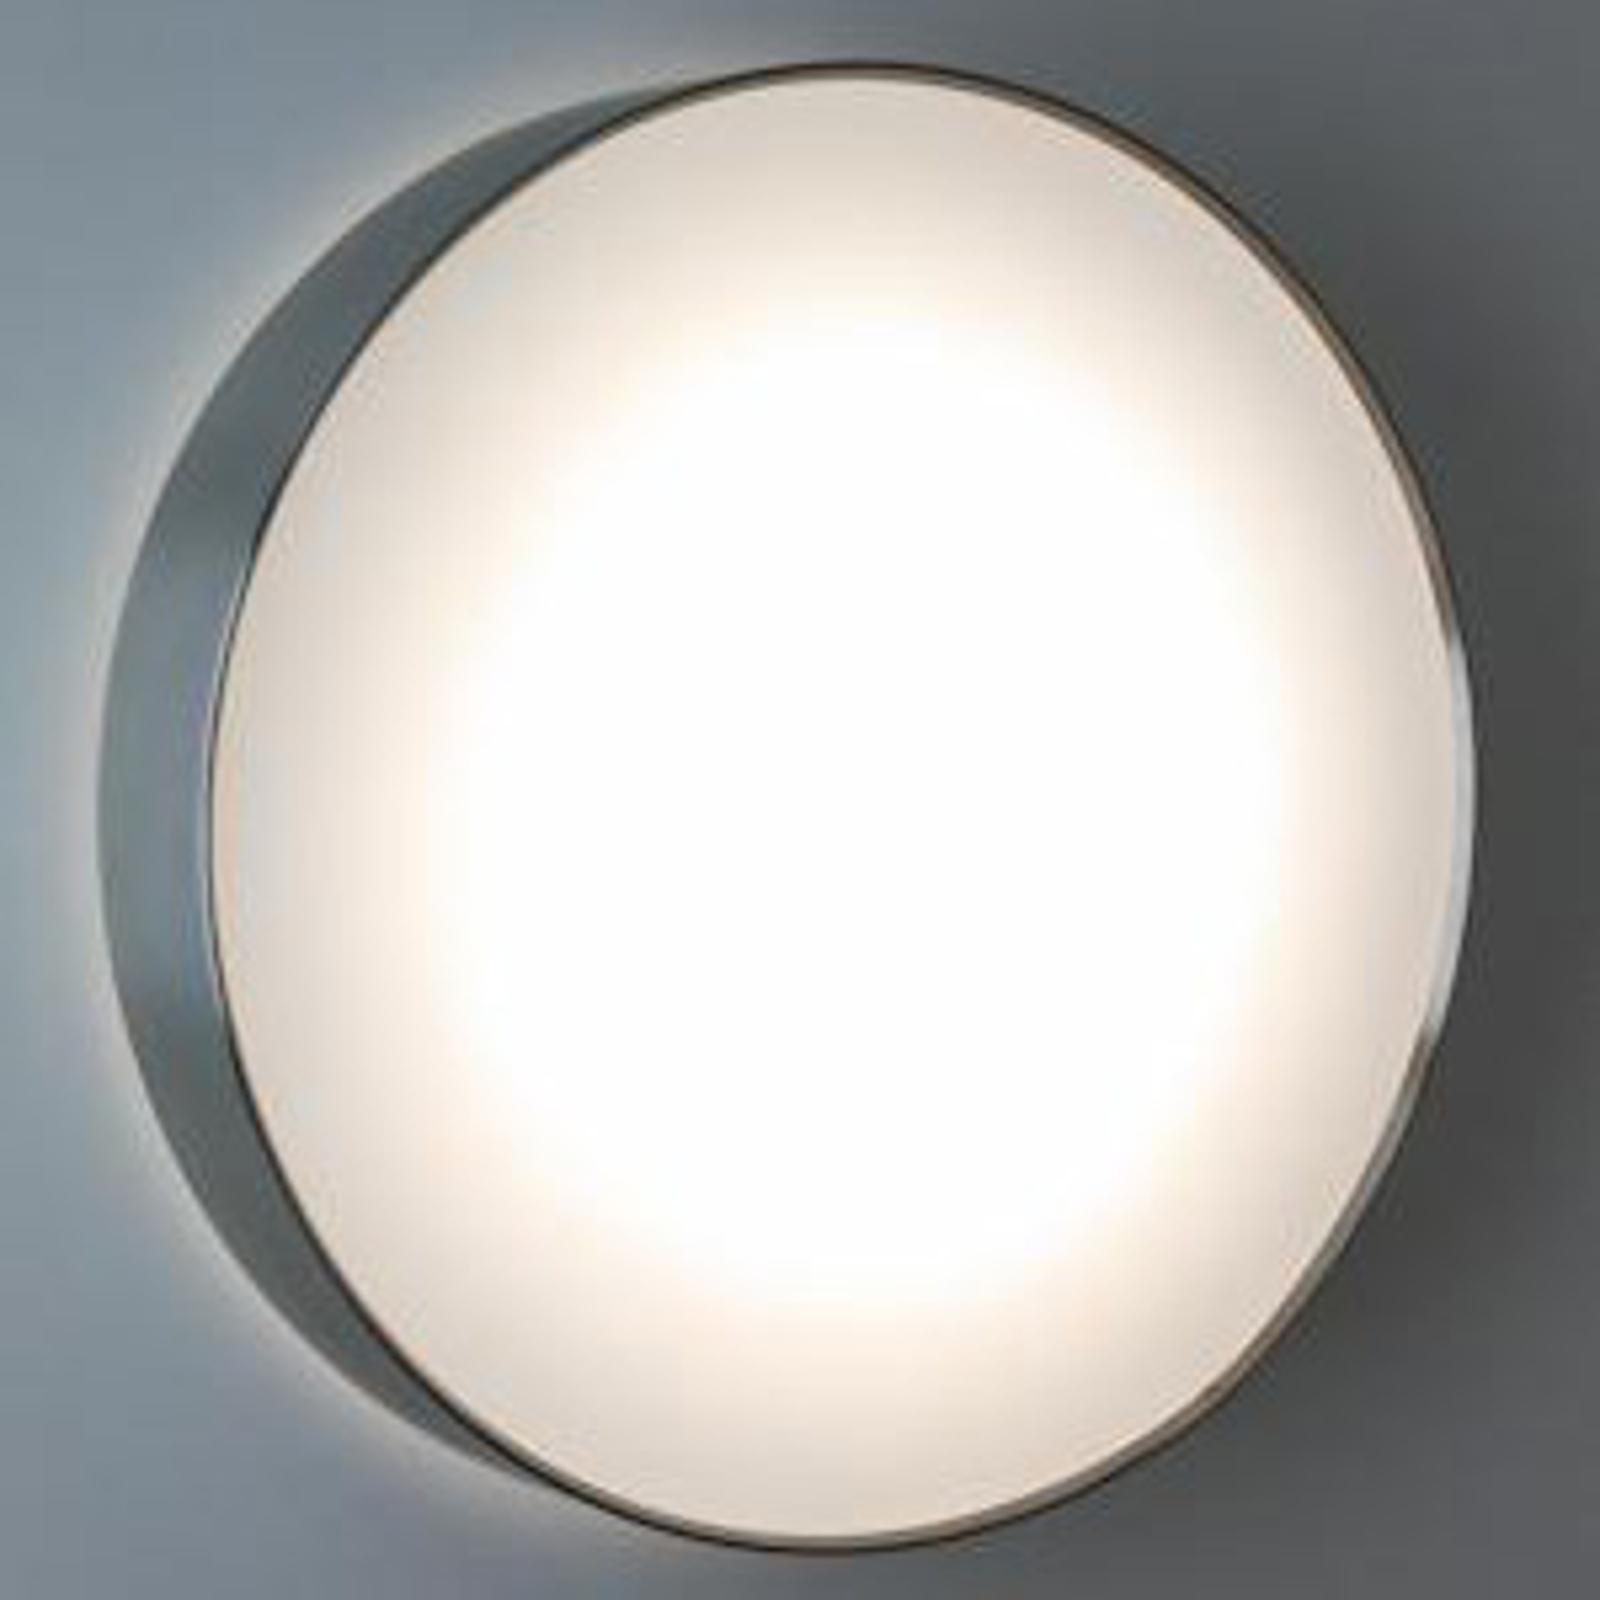 Sensor LED-lampe SUN 4 i rustfrit stål, 13W